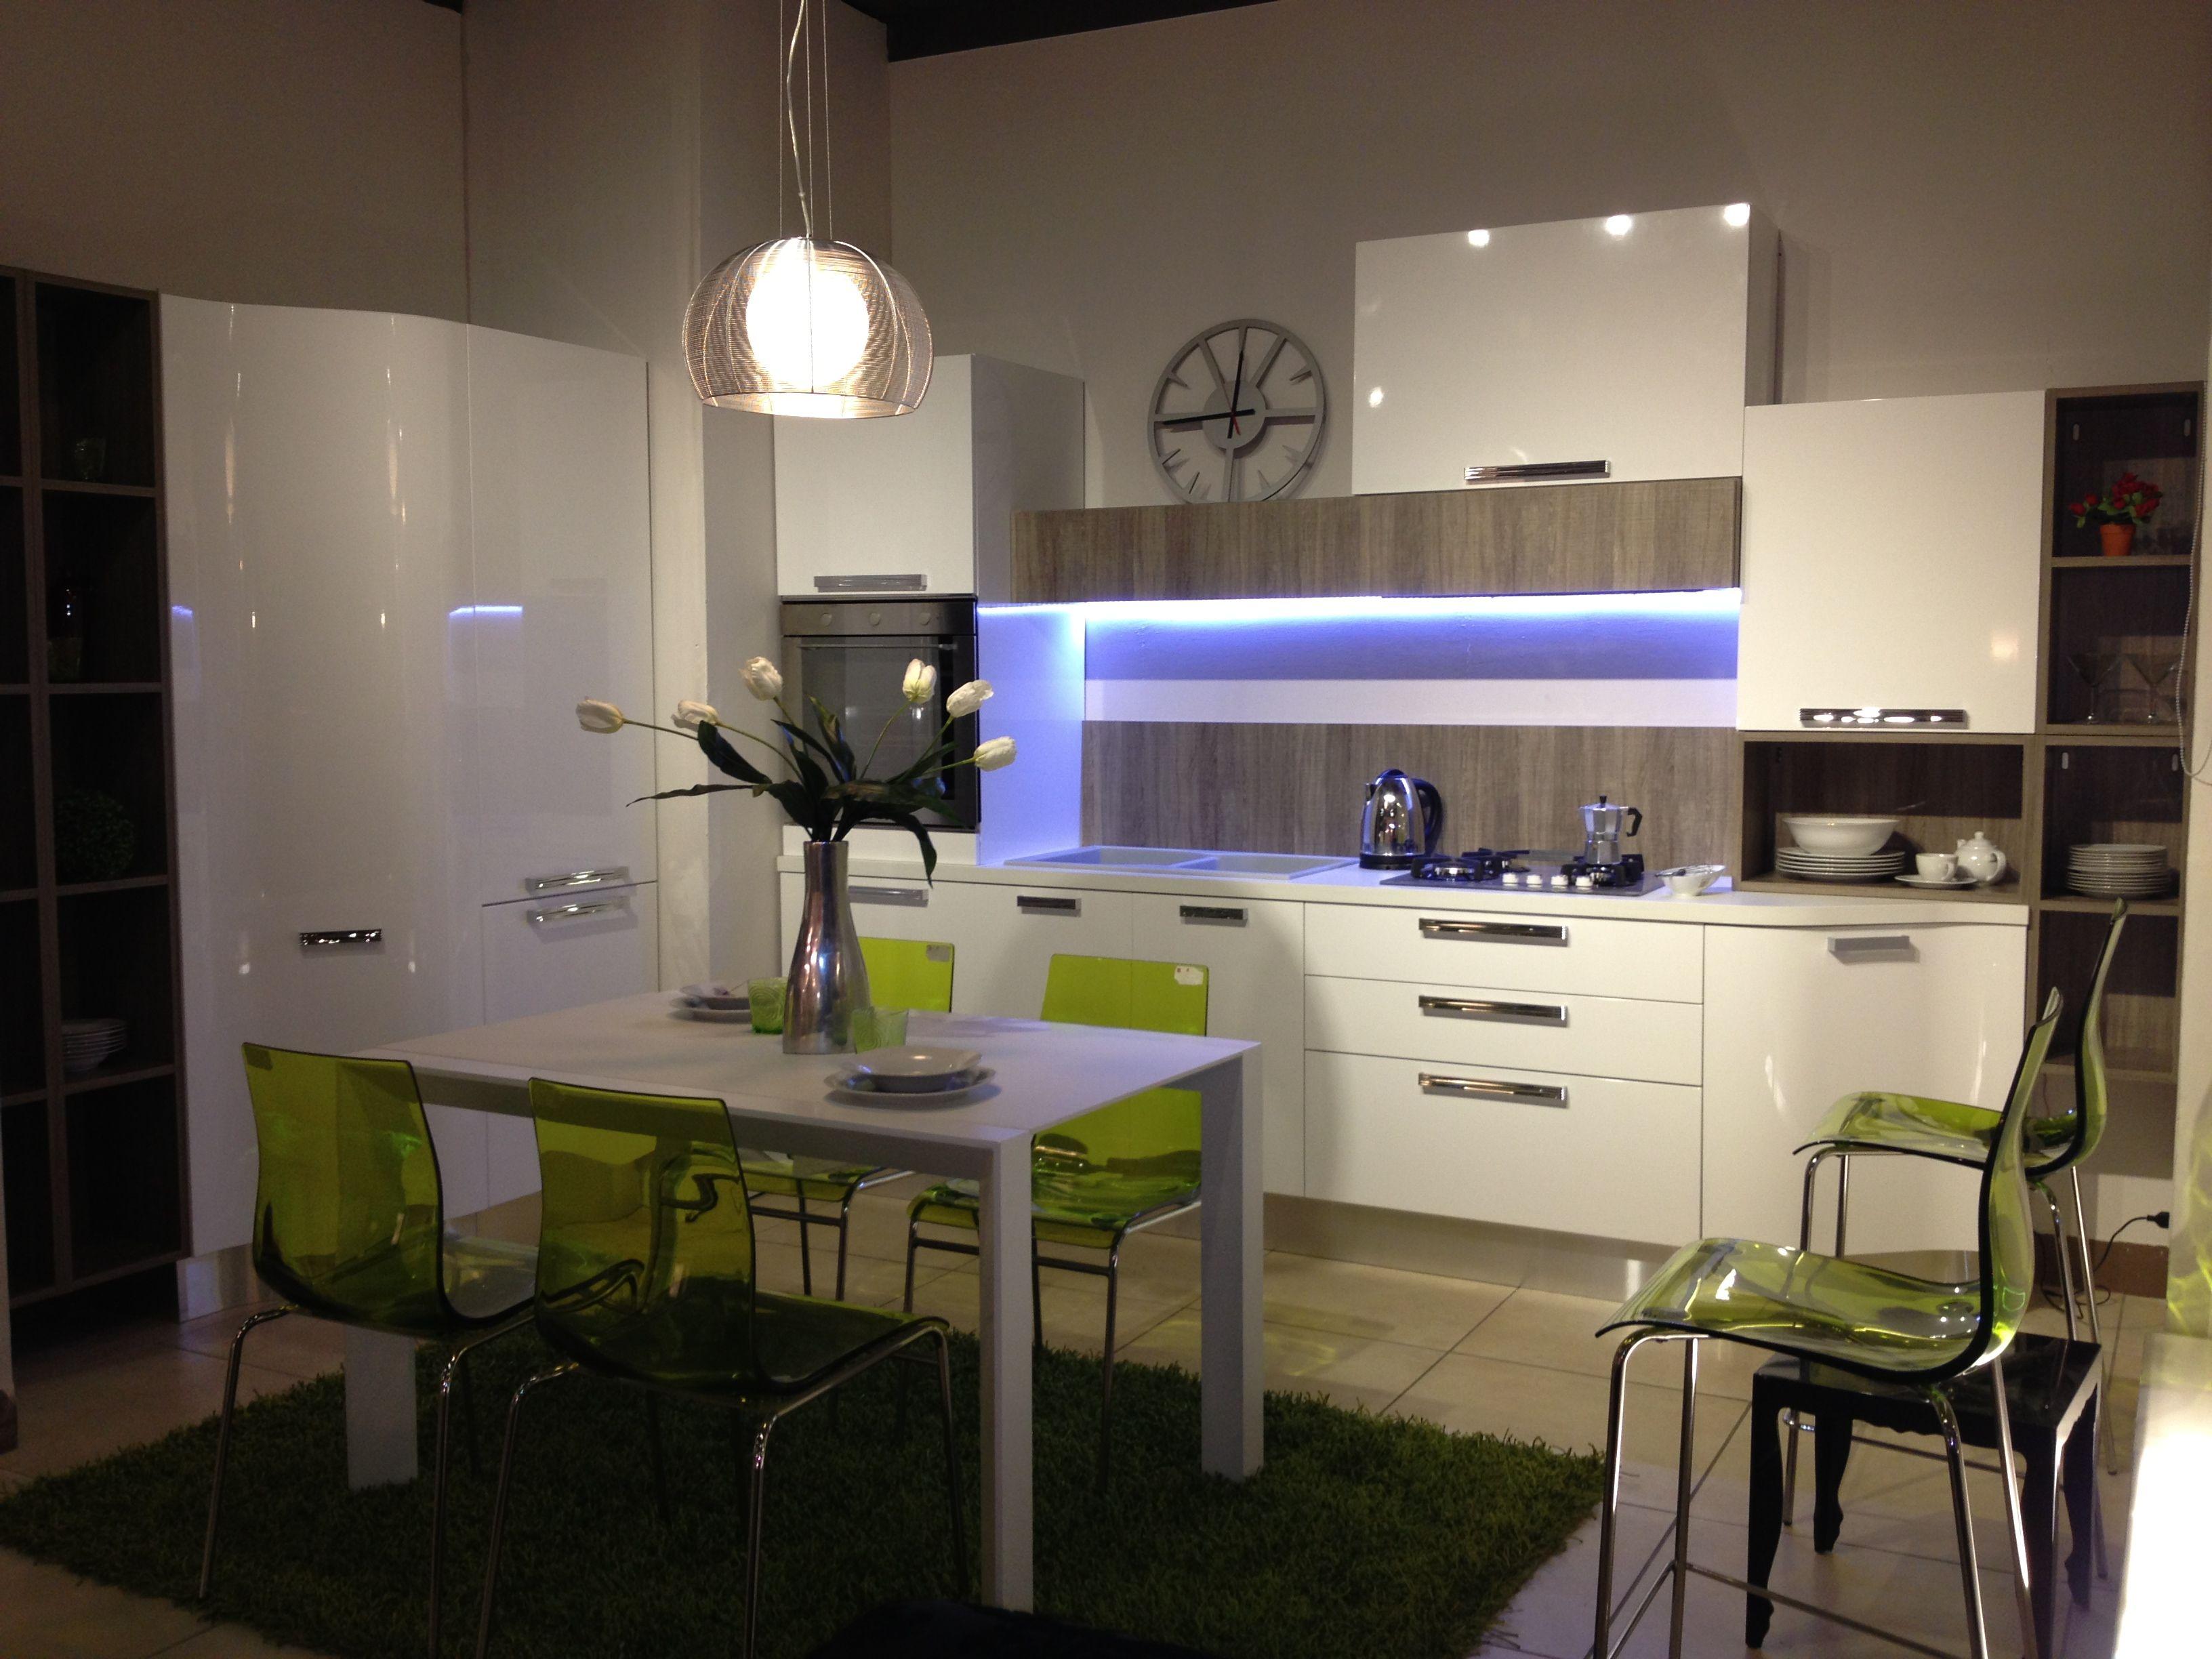 Cosa ne pensate del nostro design in cucina presente nello shoowroom